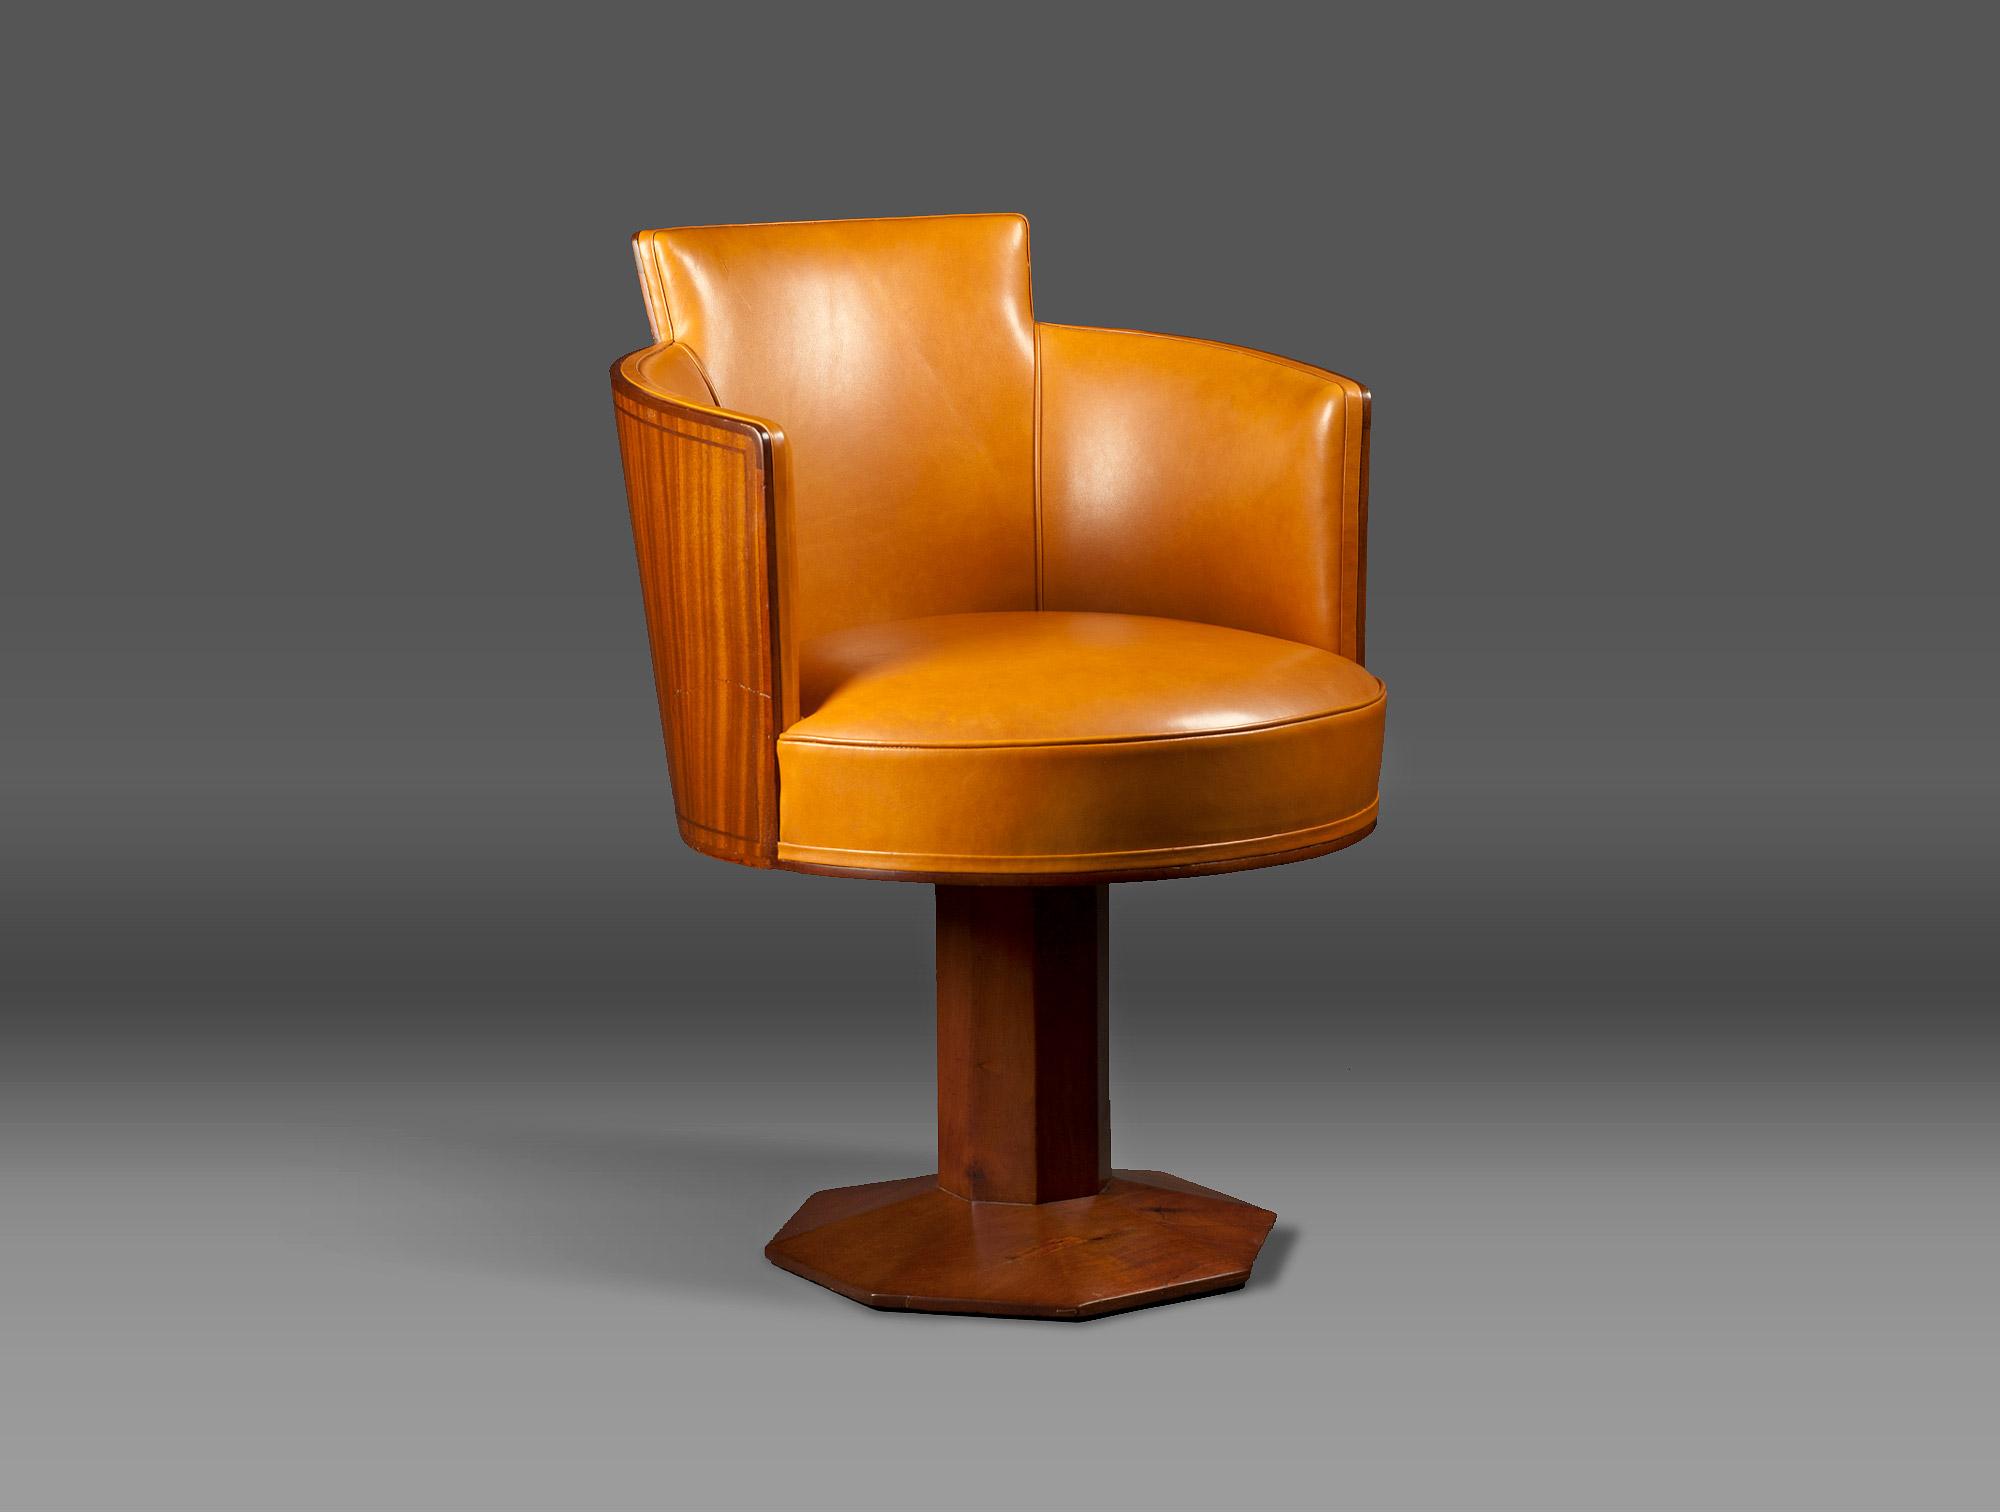 fauteuil de bureau jaune soubrier